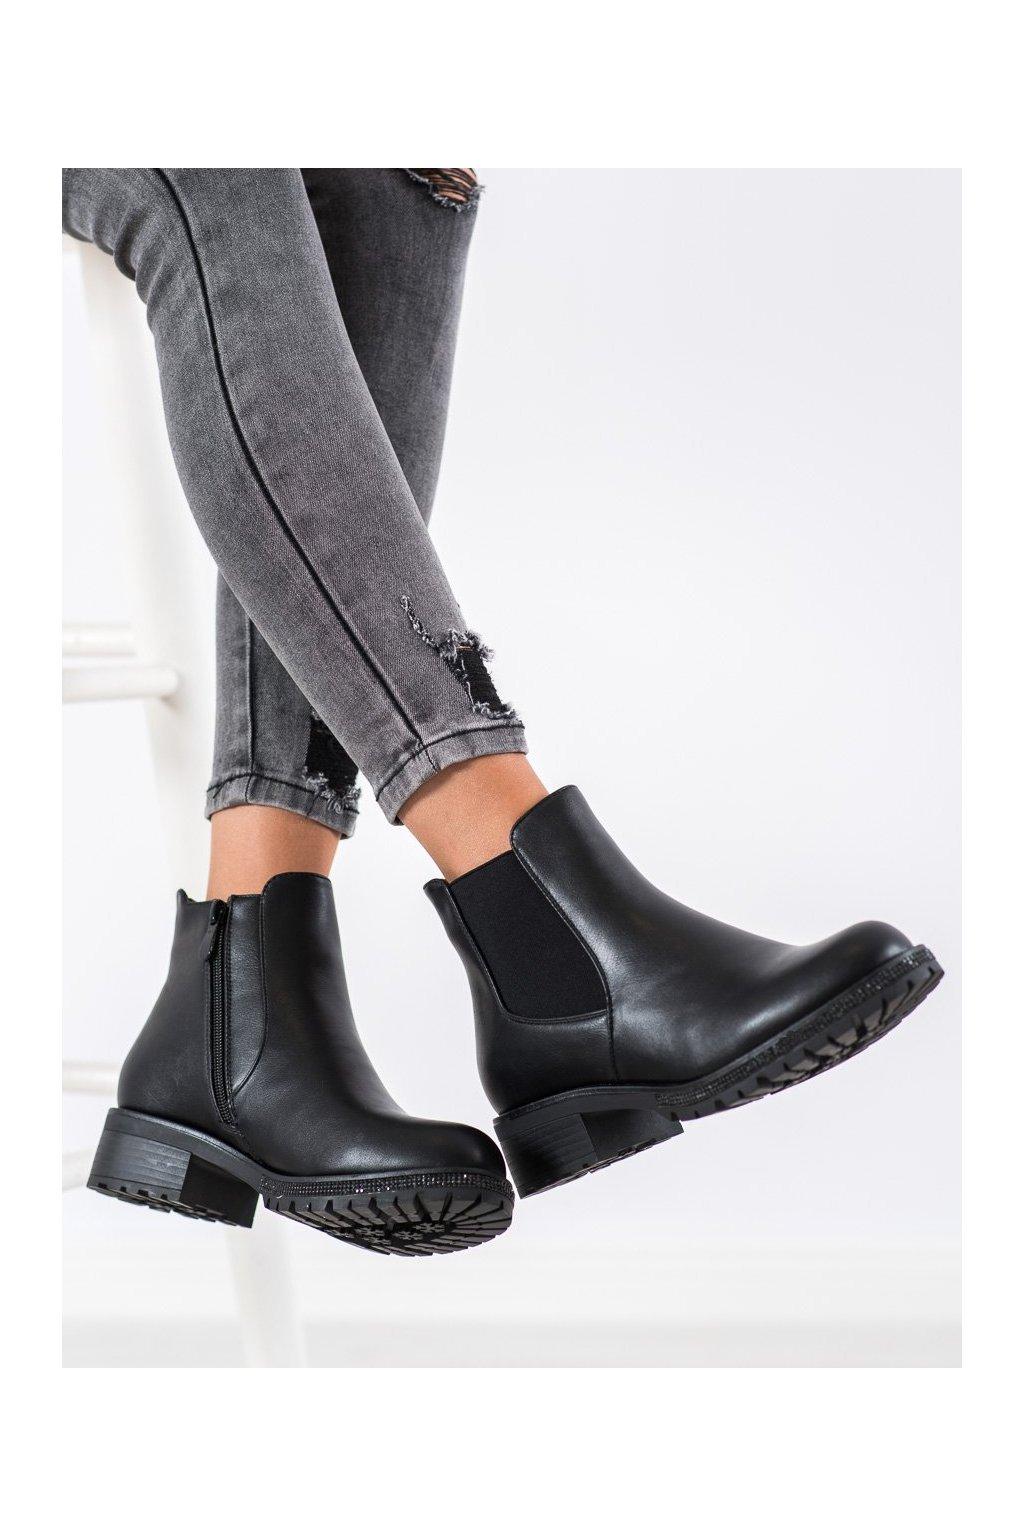 Čierne dámske topánky Shelovet kod 7-X8208B